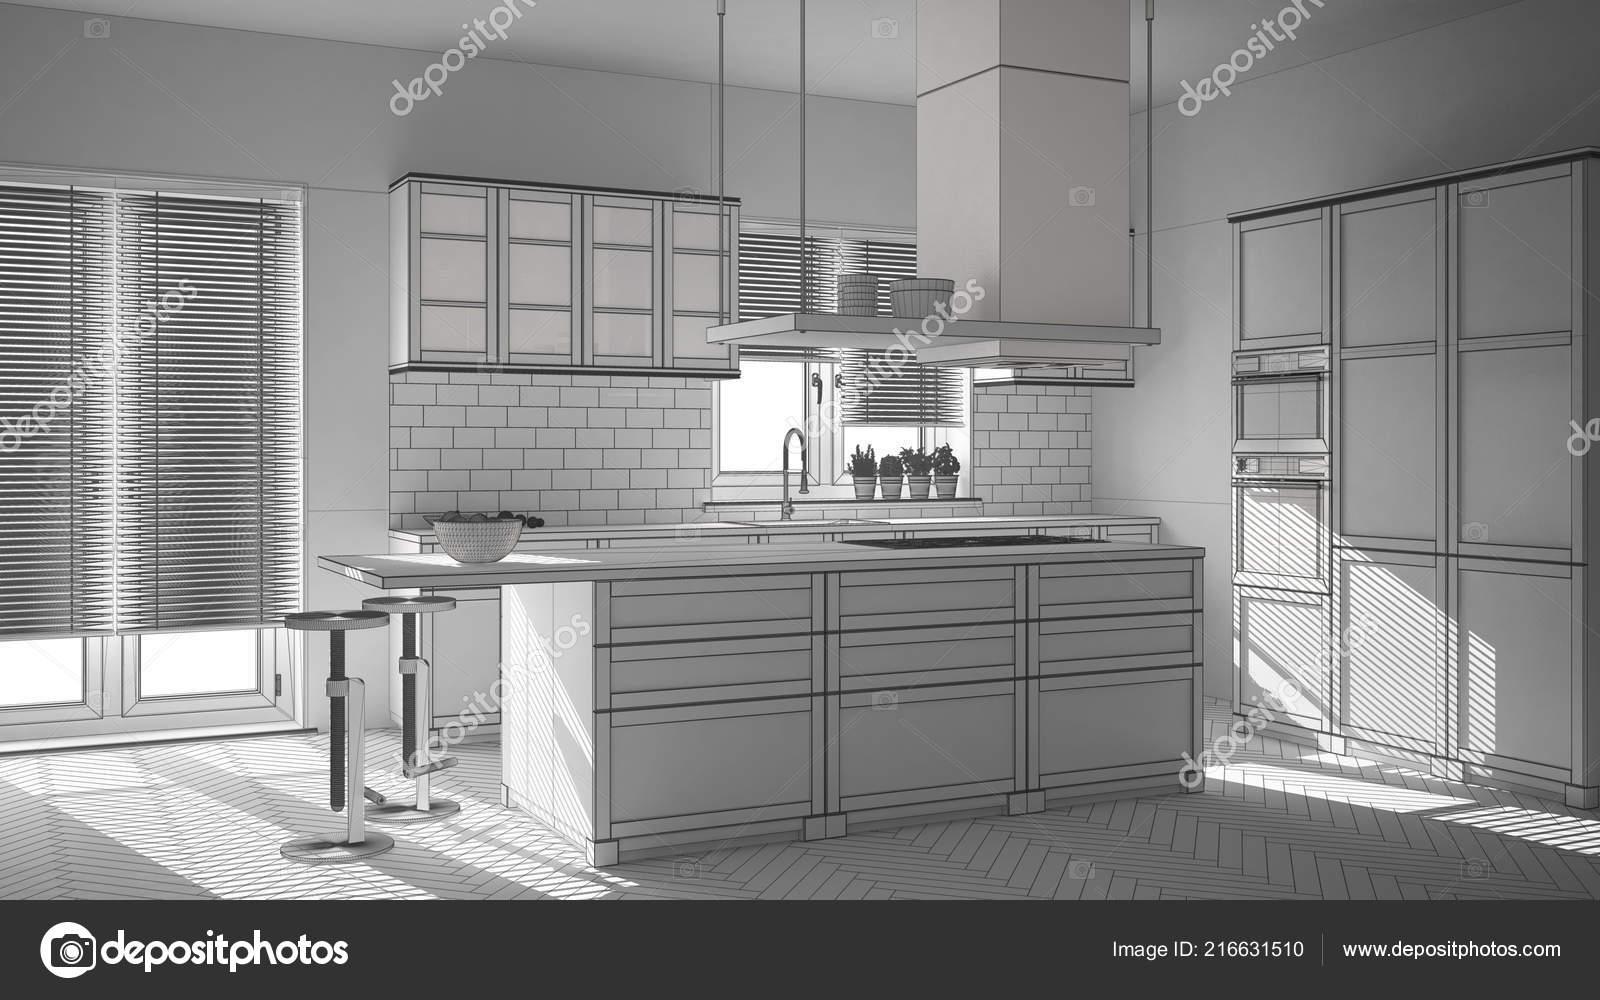 Sgabelli Cucina Legno Bianco : Progetto incompiuto cucina moderna legno bianco con isola sgabelli